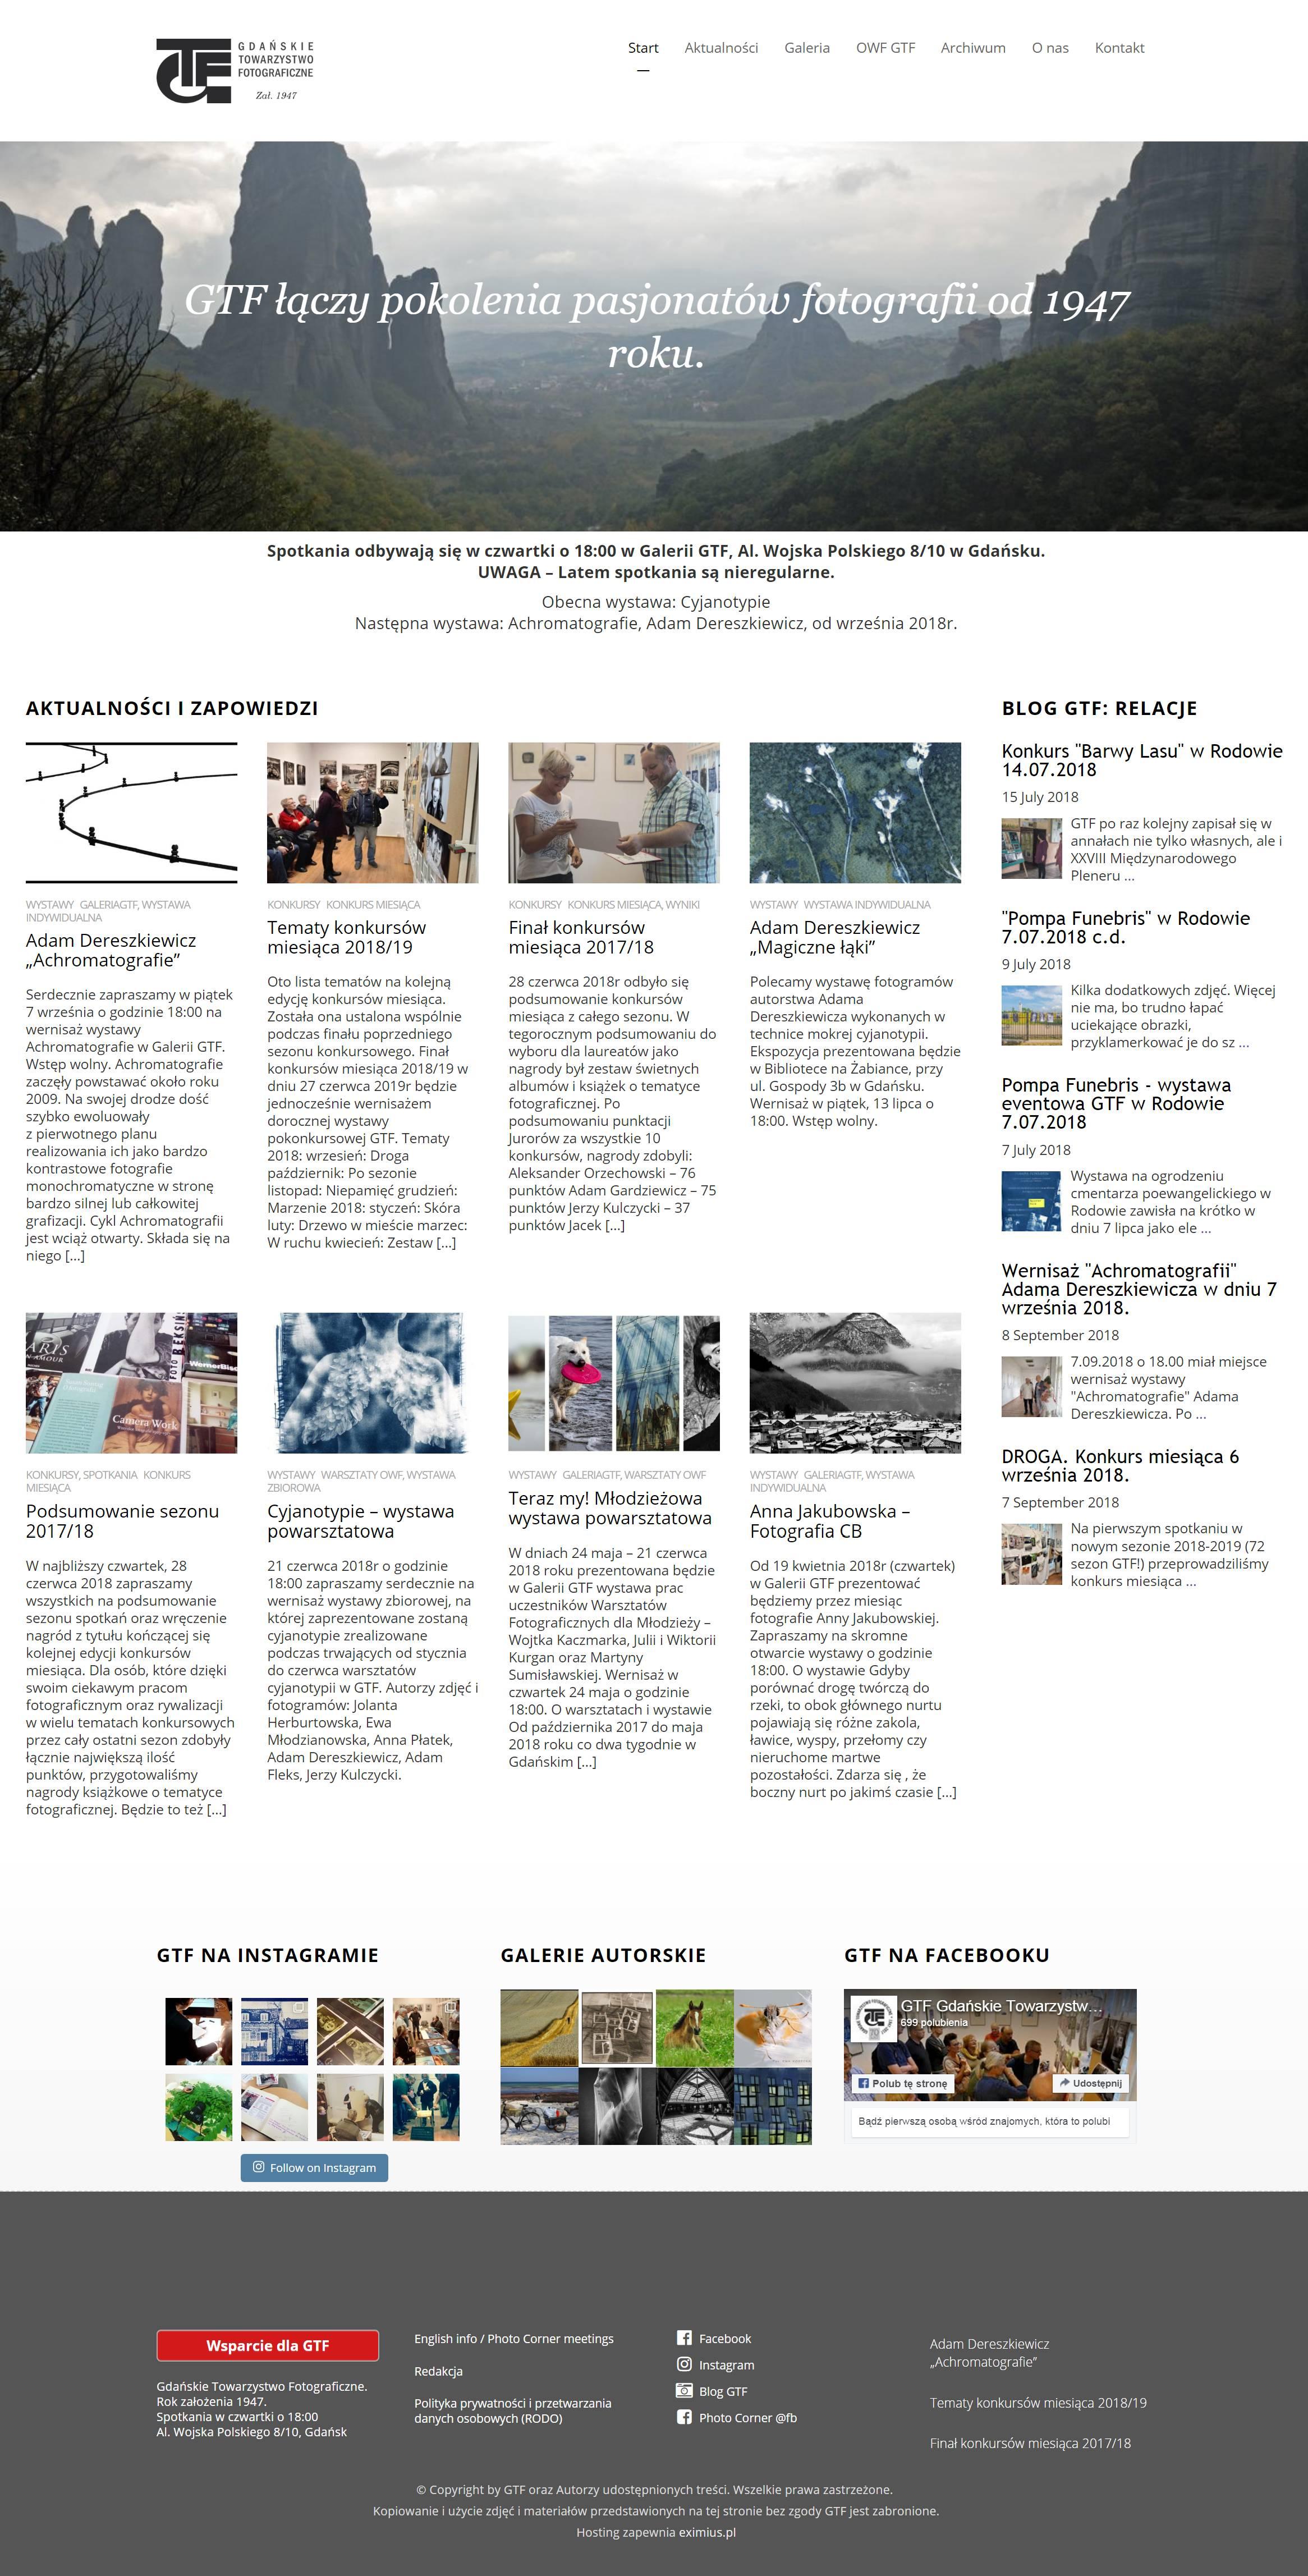 projektowanie-budowa-stron-internetowych-wordpress-responsywne-strony-www_stowarzyszenie